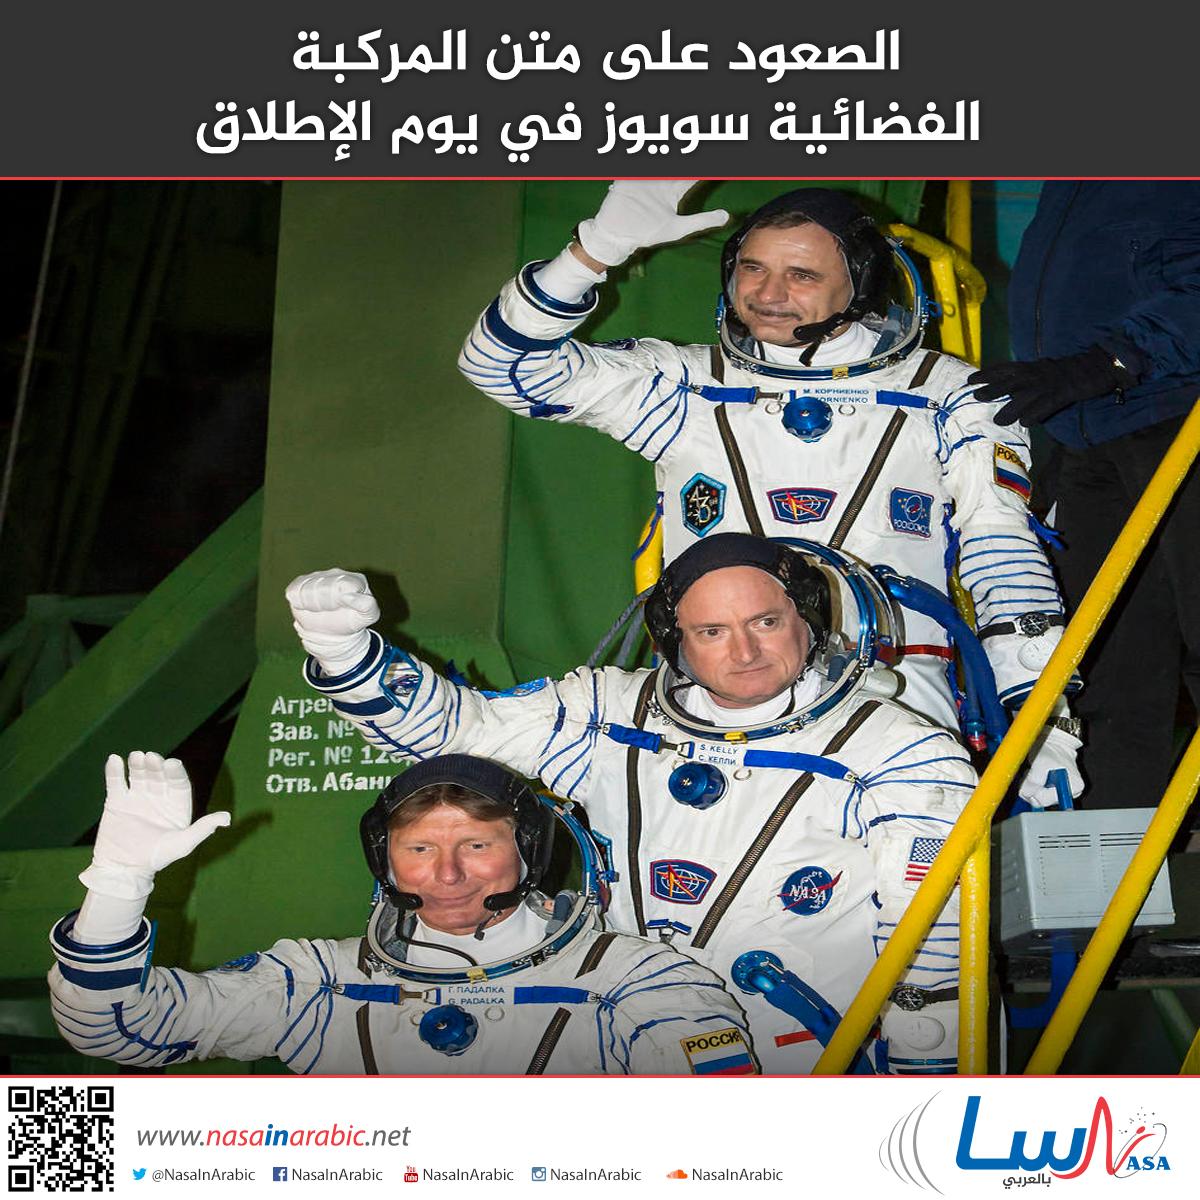 الصعود على متن المركبة الفضائية سويوز في يوم الإطلاق